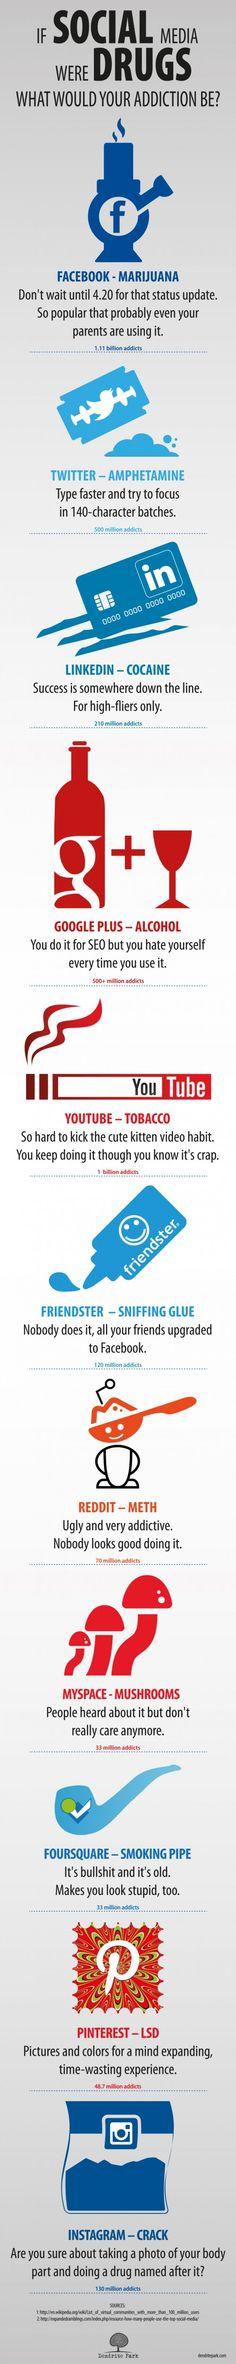 Wat als social media drugs zijn? een vergelijking! #Nice